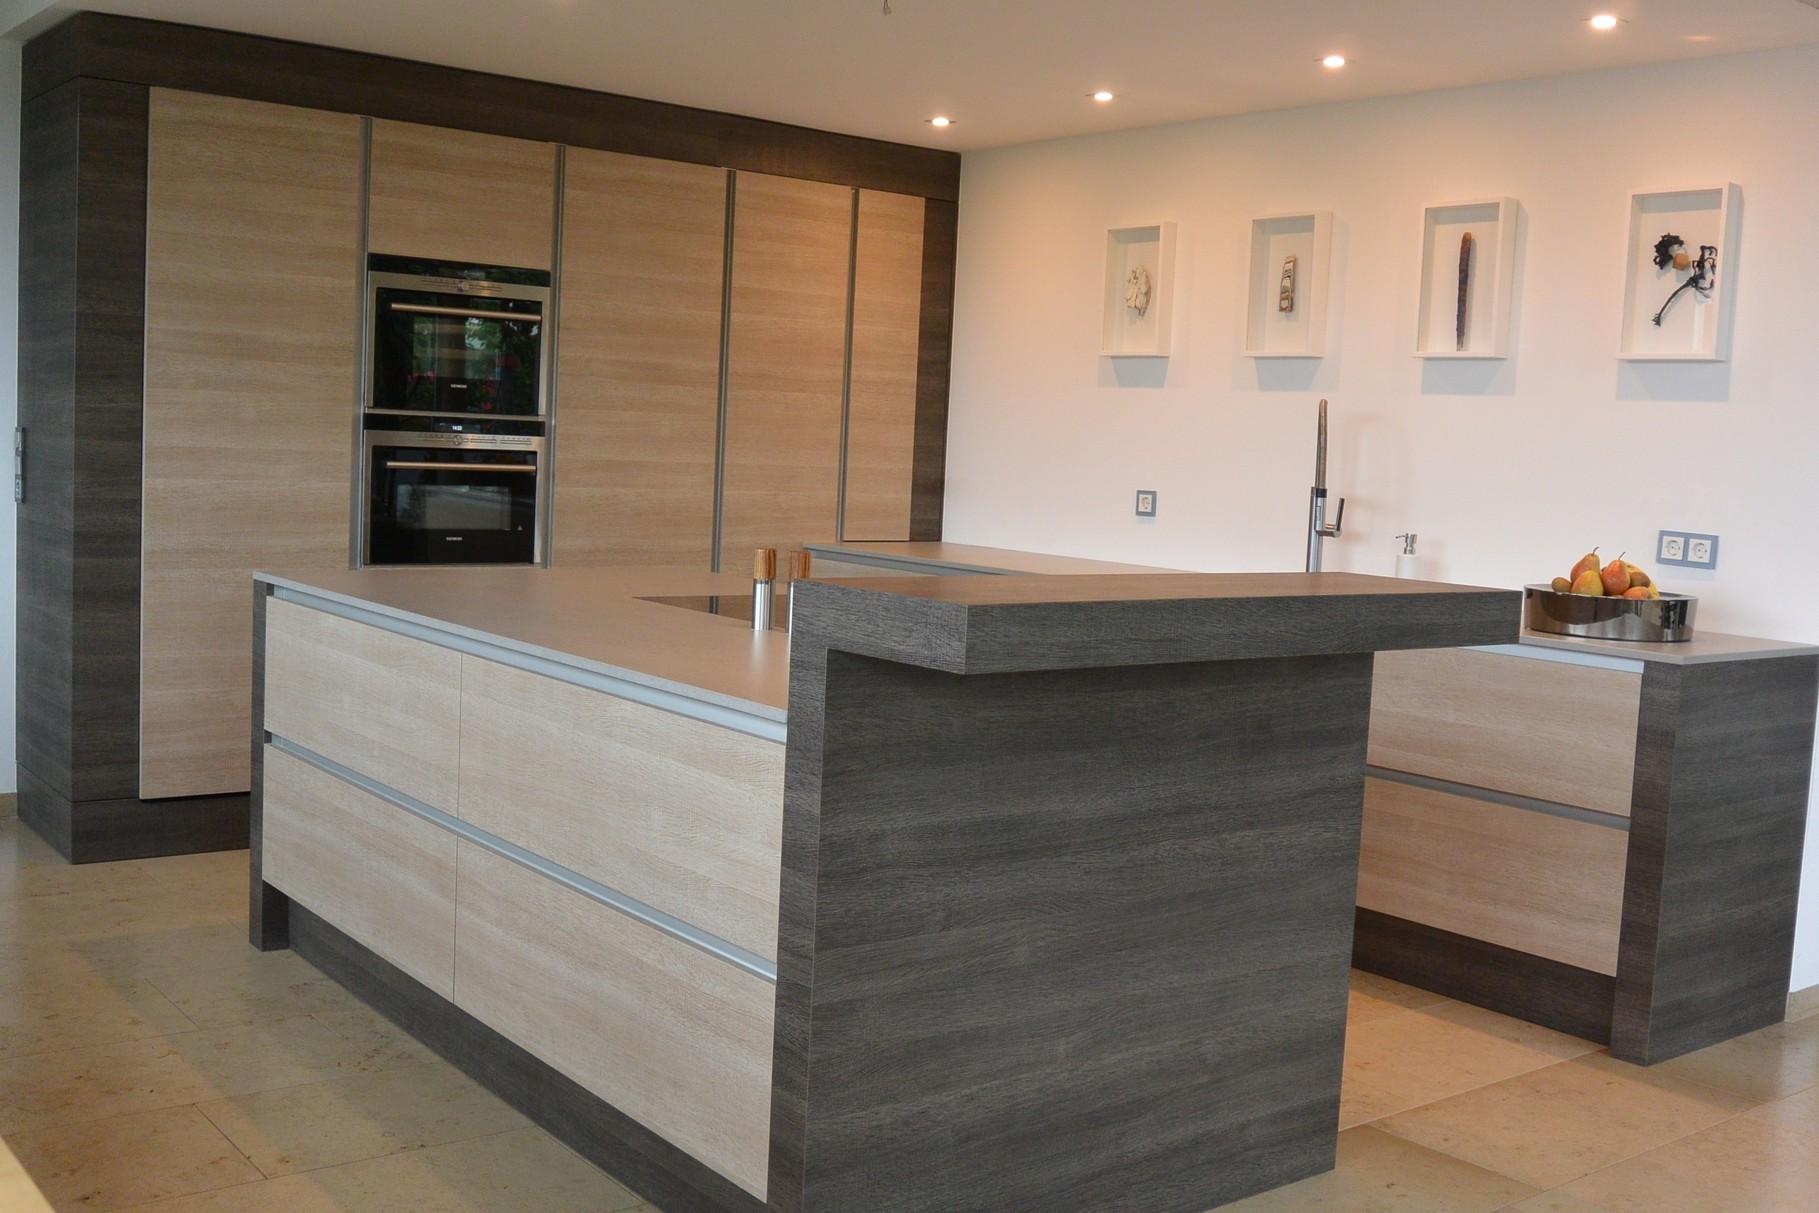 Inselküche mit Dekton-Arbeitspaltte Strato in grau